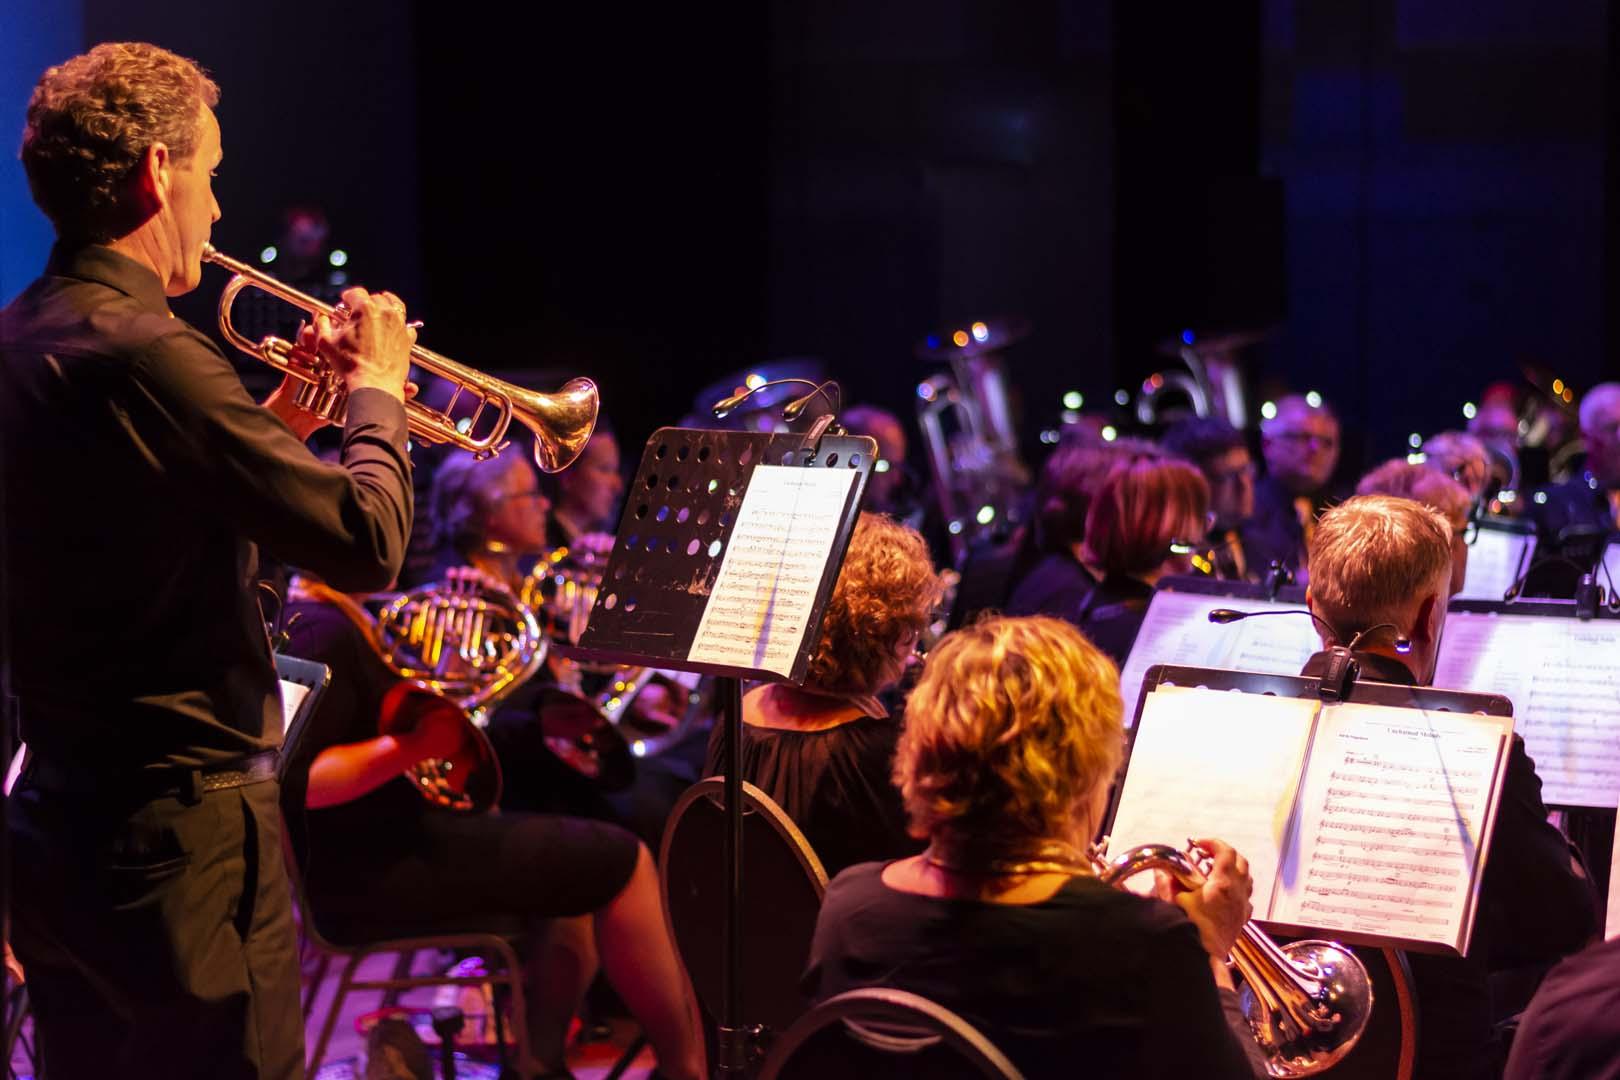 Orkest op Maat 2 - Sander Blom Films